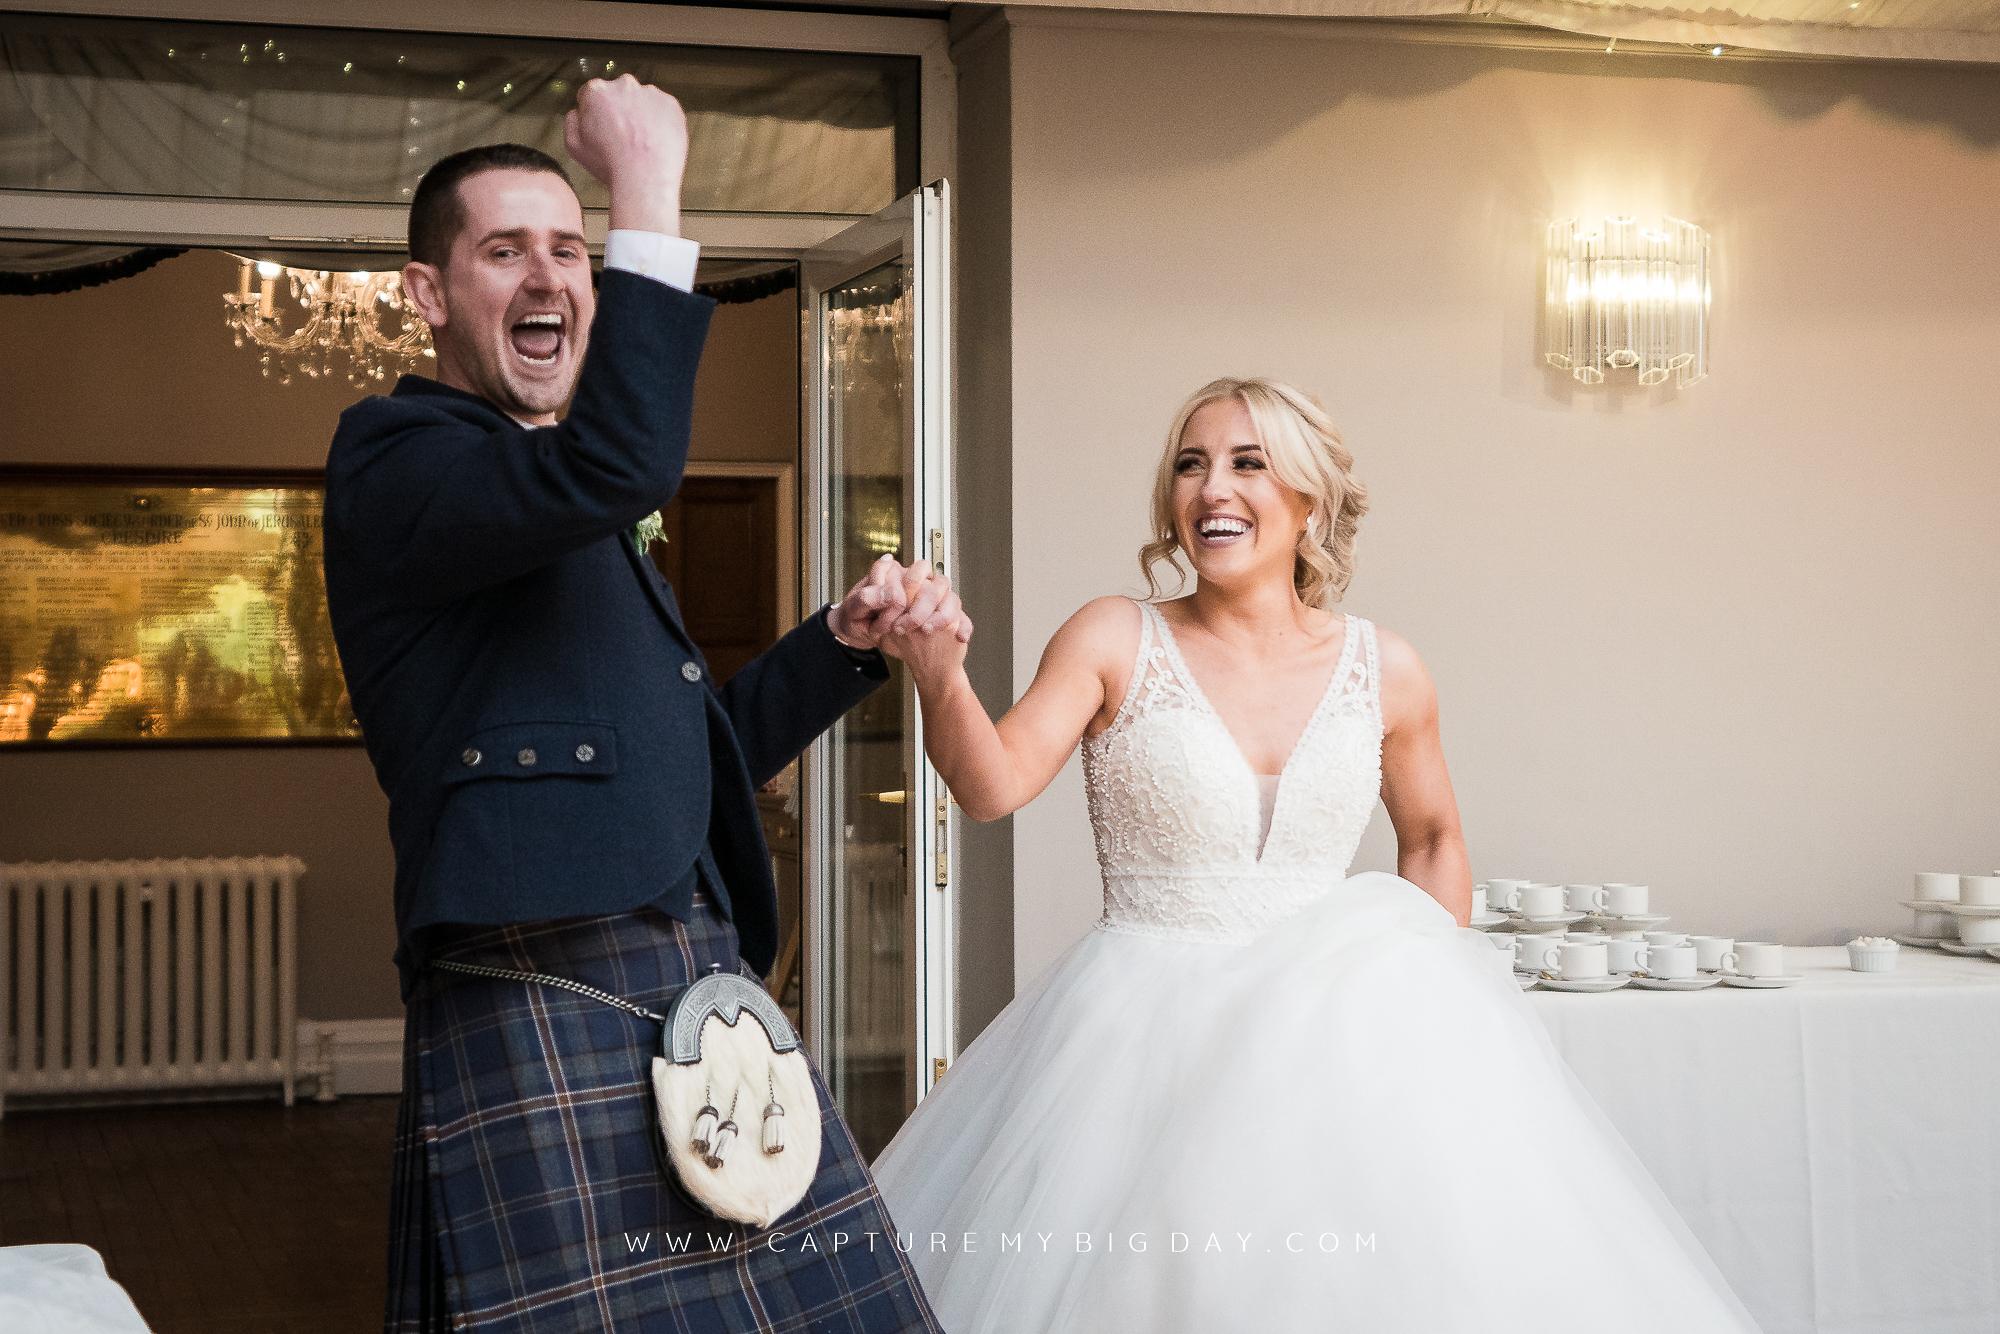 Bride and groom walking in to wedding breakfast